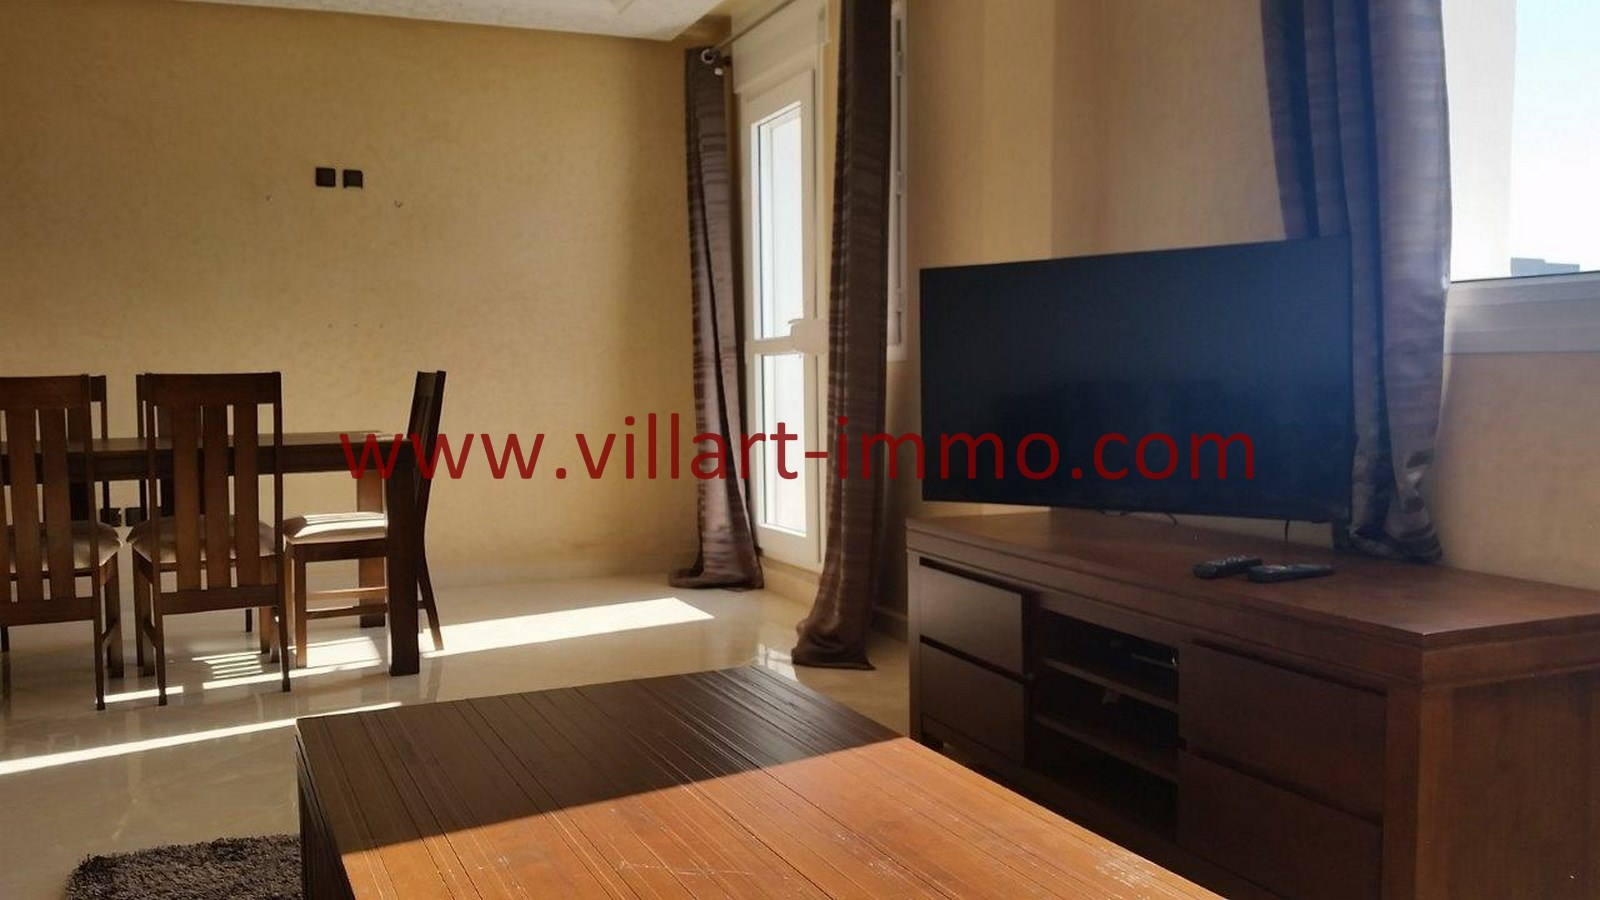 3-Location-Appartement-Meublé-Achakar-Tanger-Salon'-L831-Villart immo